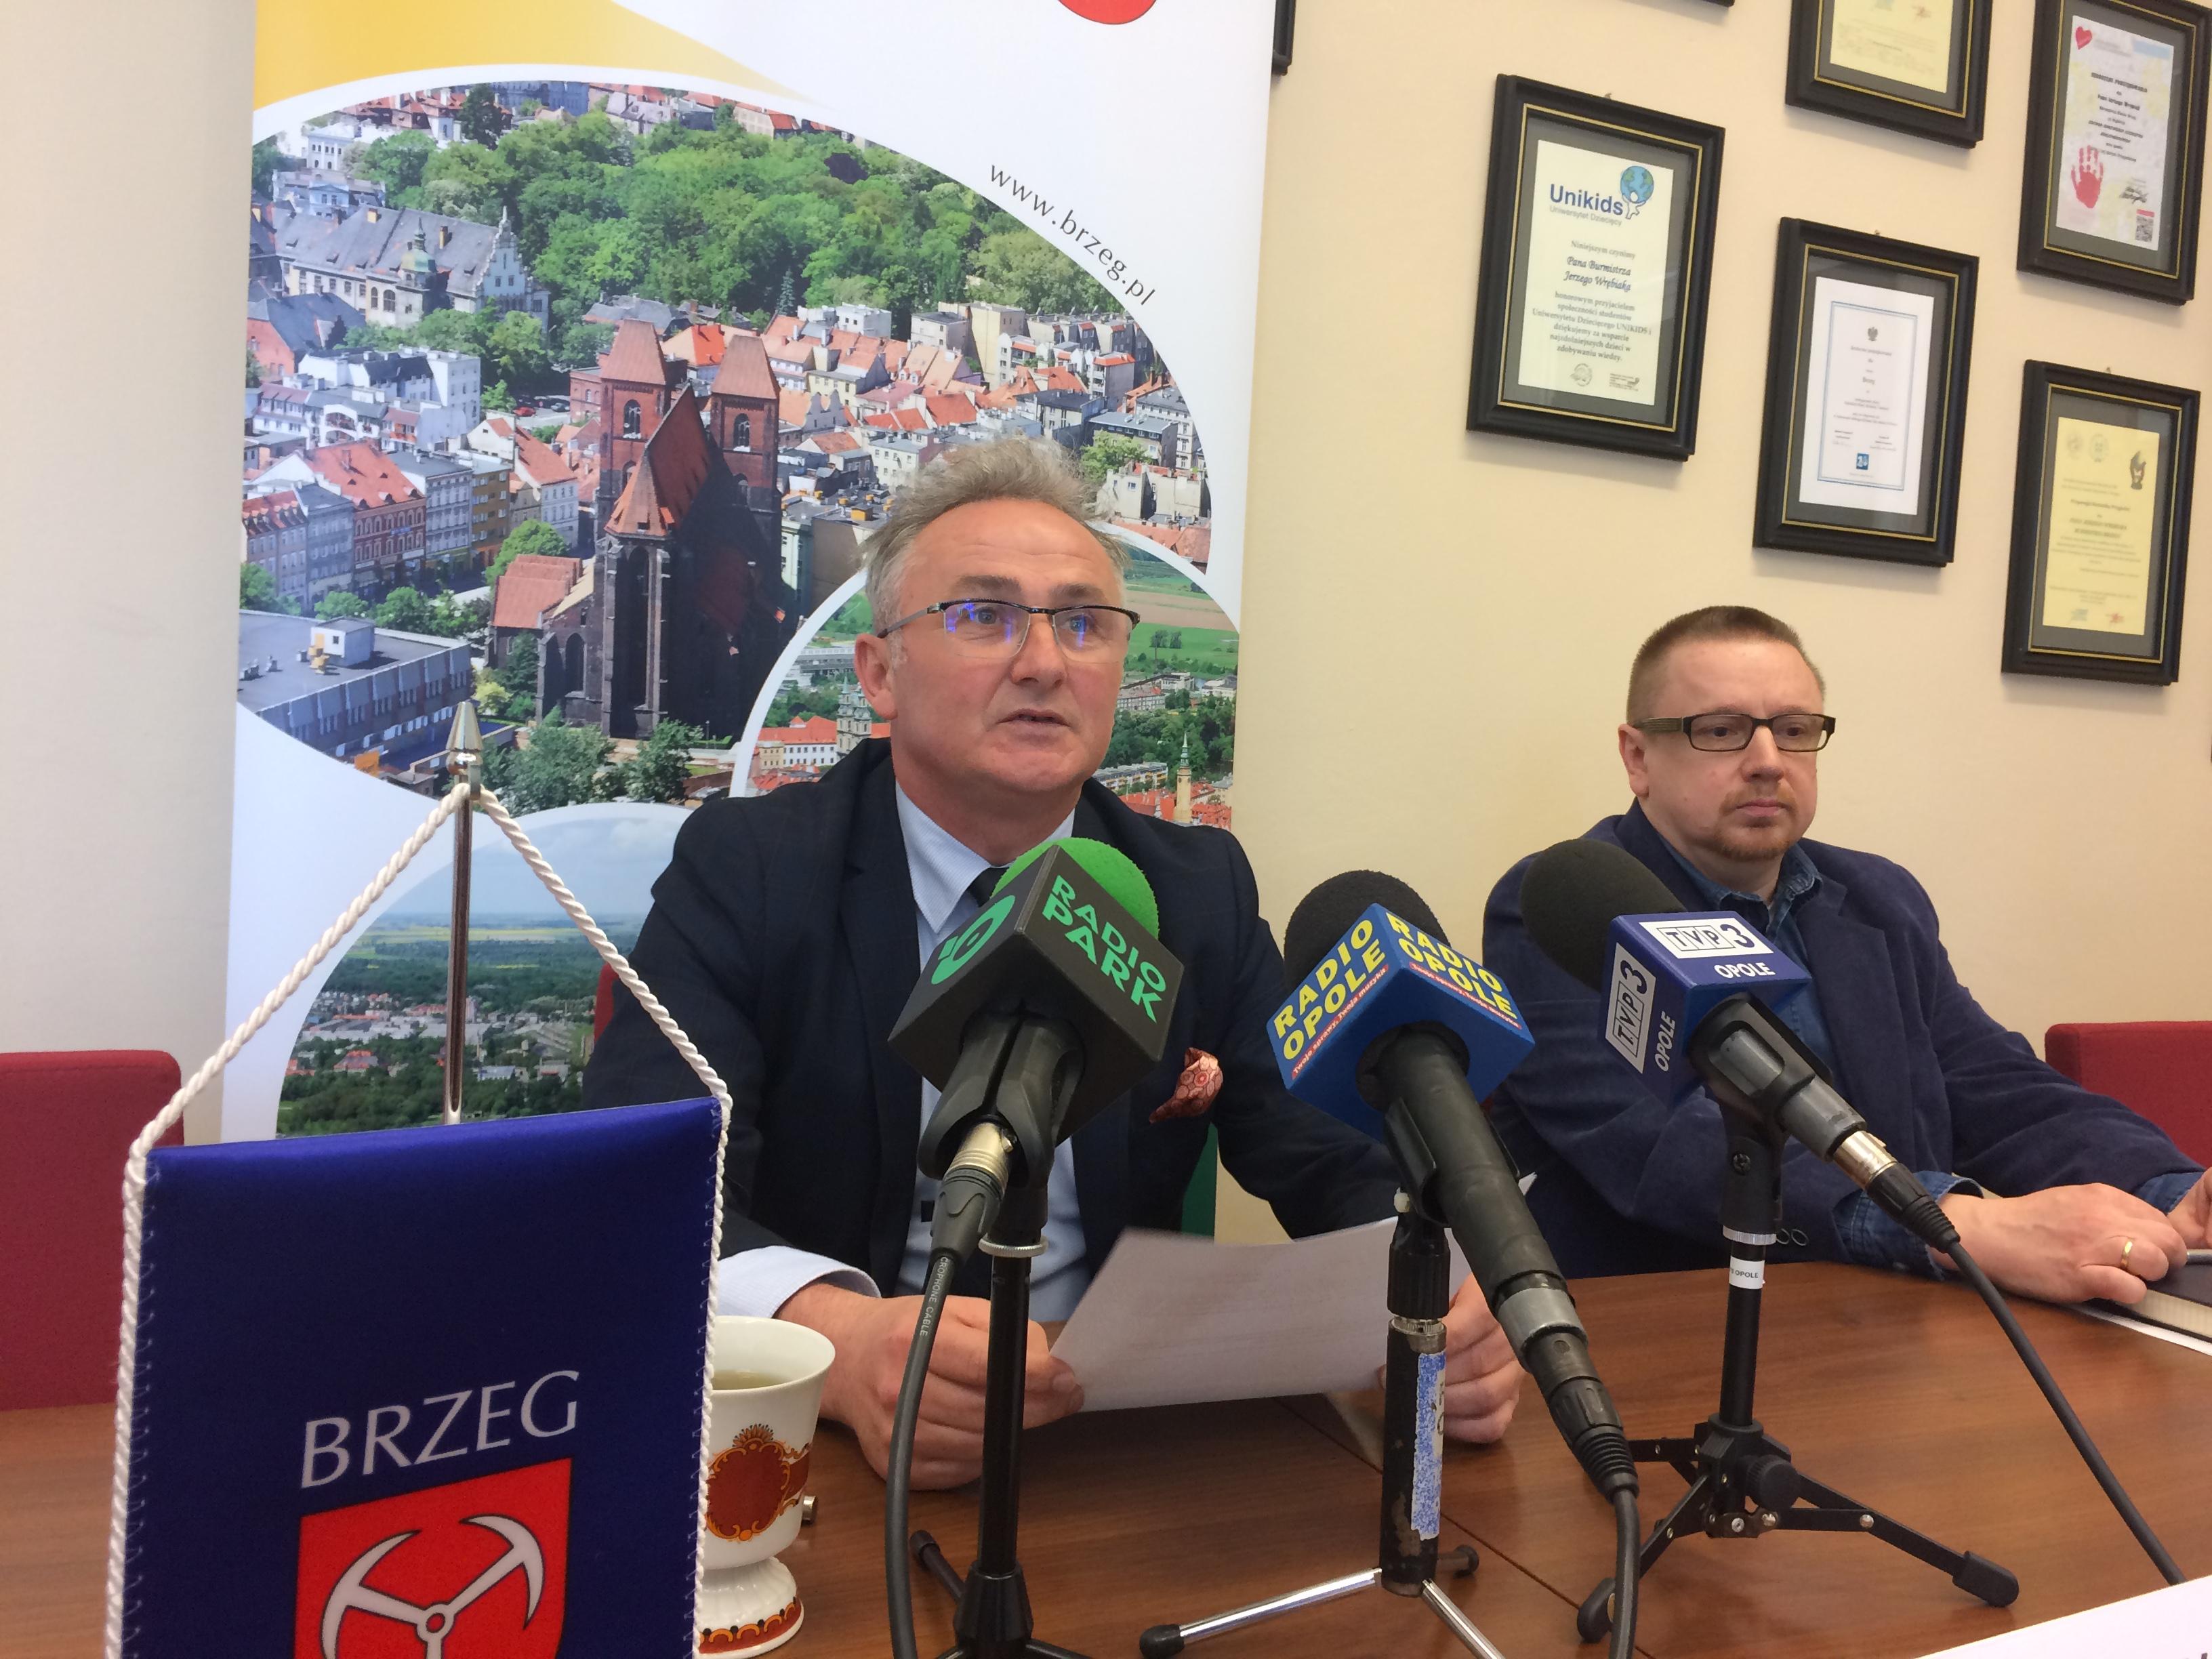 Jerzy Wrębiak na dzisiejszej konferencji przekazał najnowsze informacje dotyczące referendum [fot. Maciej Stępień]